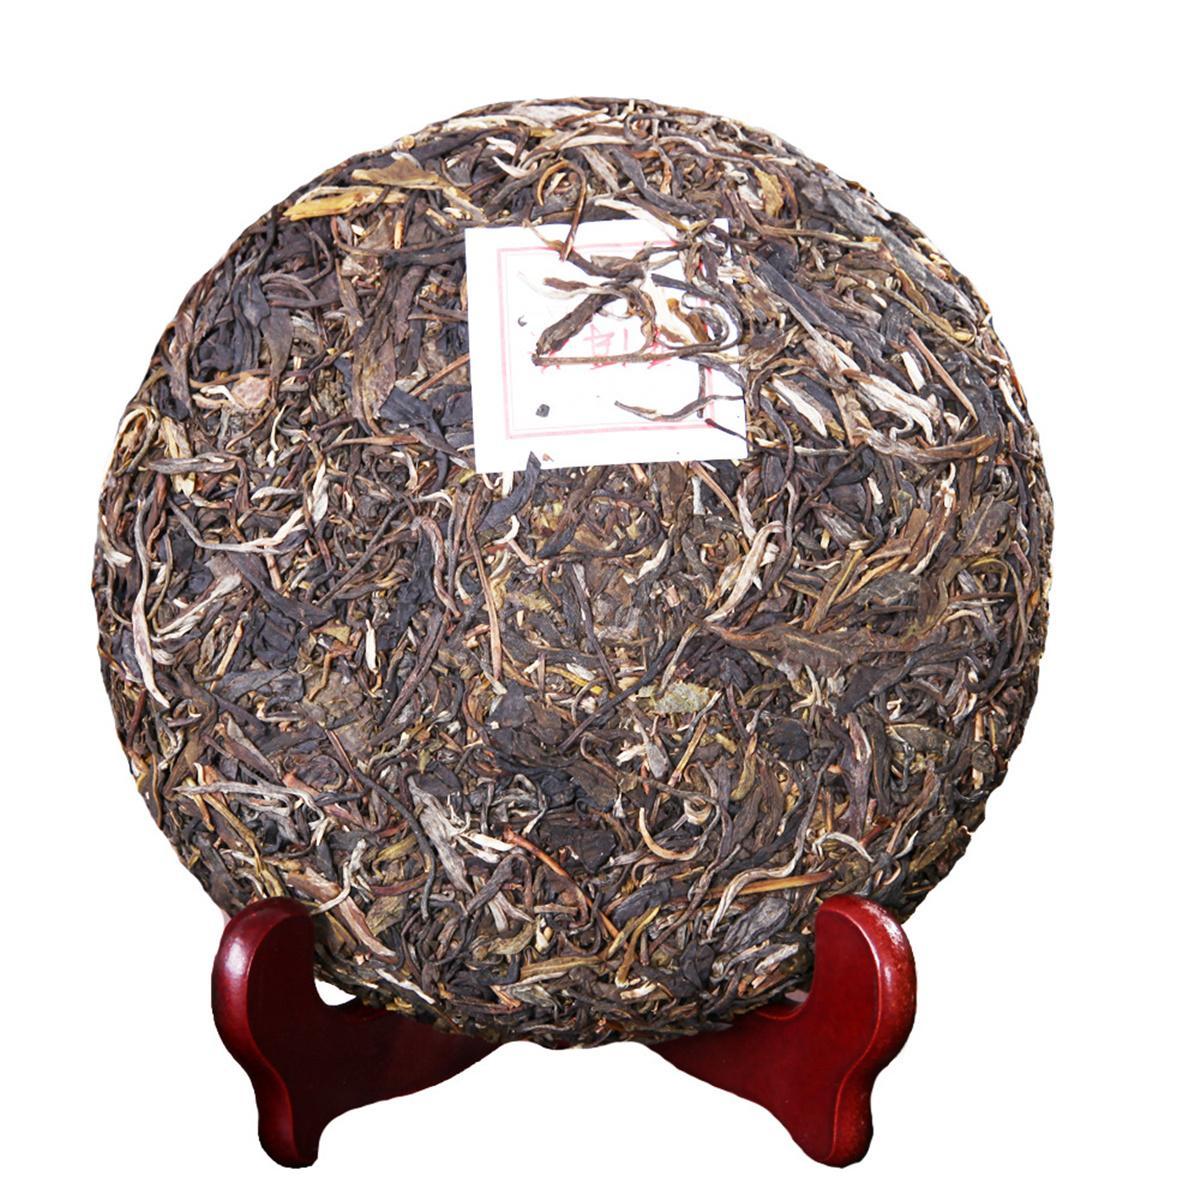 357g Сырье Пуэр чай Юньнань Alpine Big Tree Пуэр Чай Органические Природный Пуэр чай торт Старое дерево зеленый пуэр Preferred